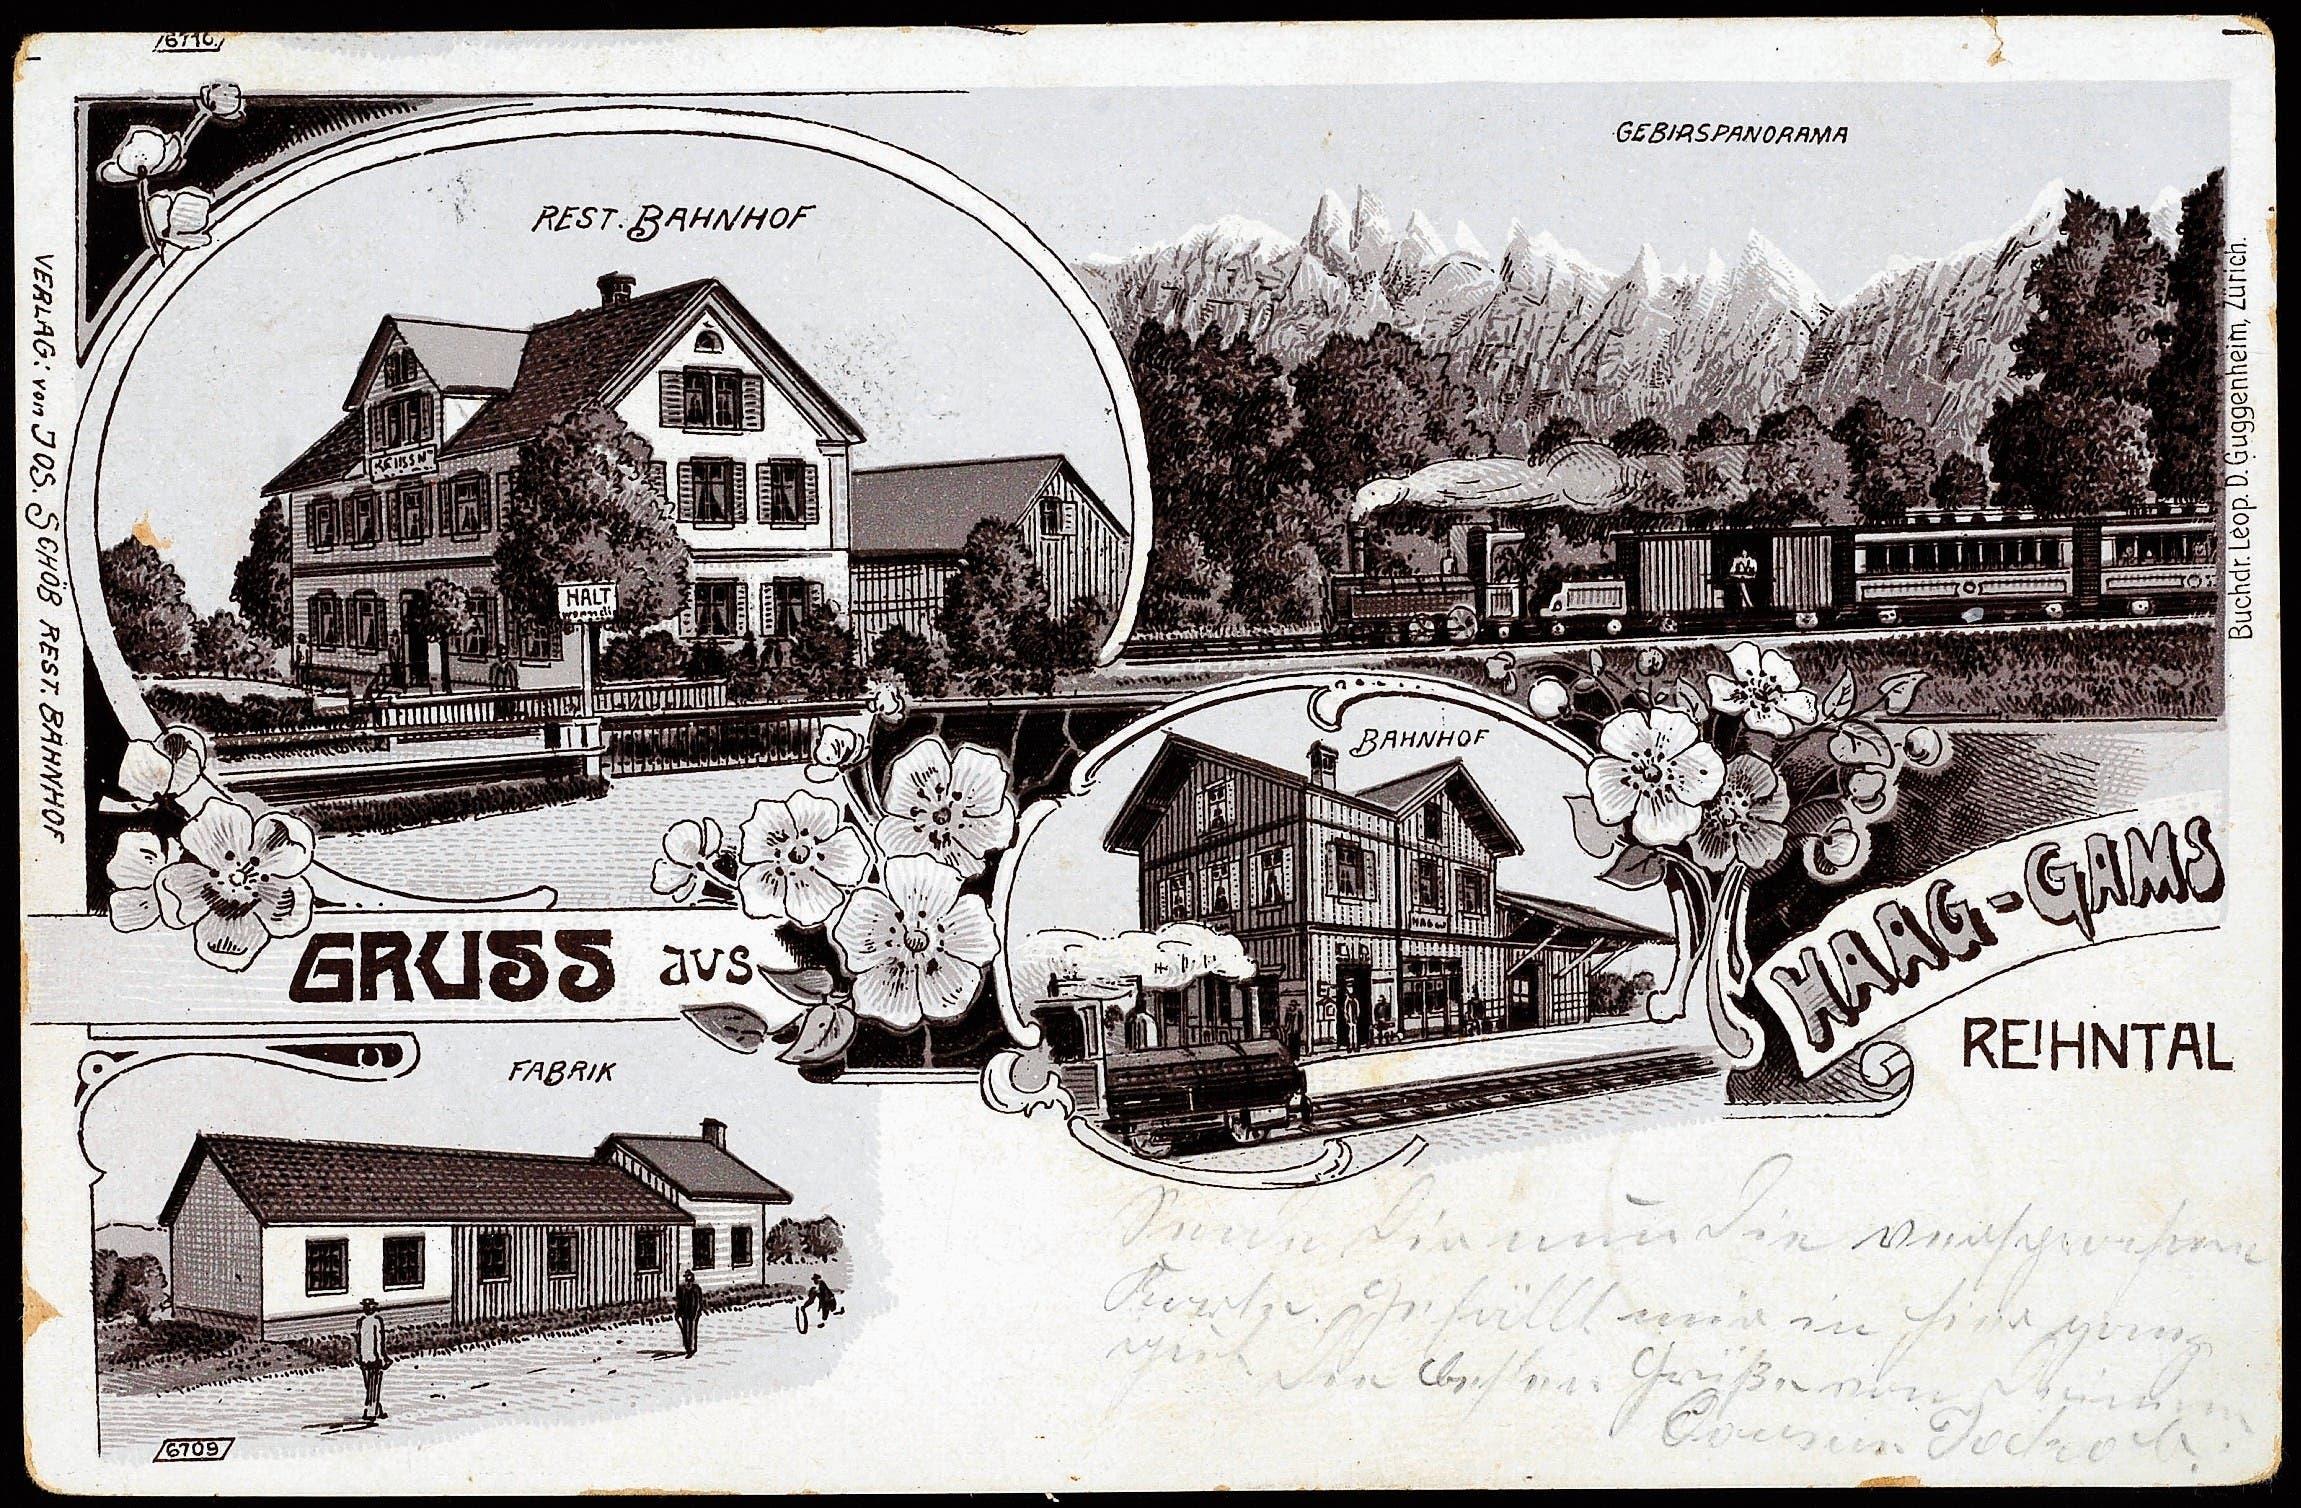 Postkarte 1903 im Verlag von Josef Schöb, Restaurant Bahnhof, mit Abbildung des Gasthauses. (Bilder: Archiv Hansruedi Rohrer)